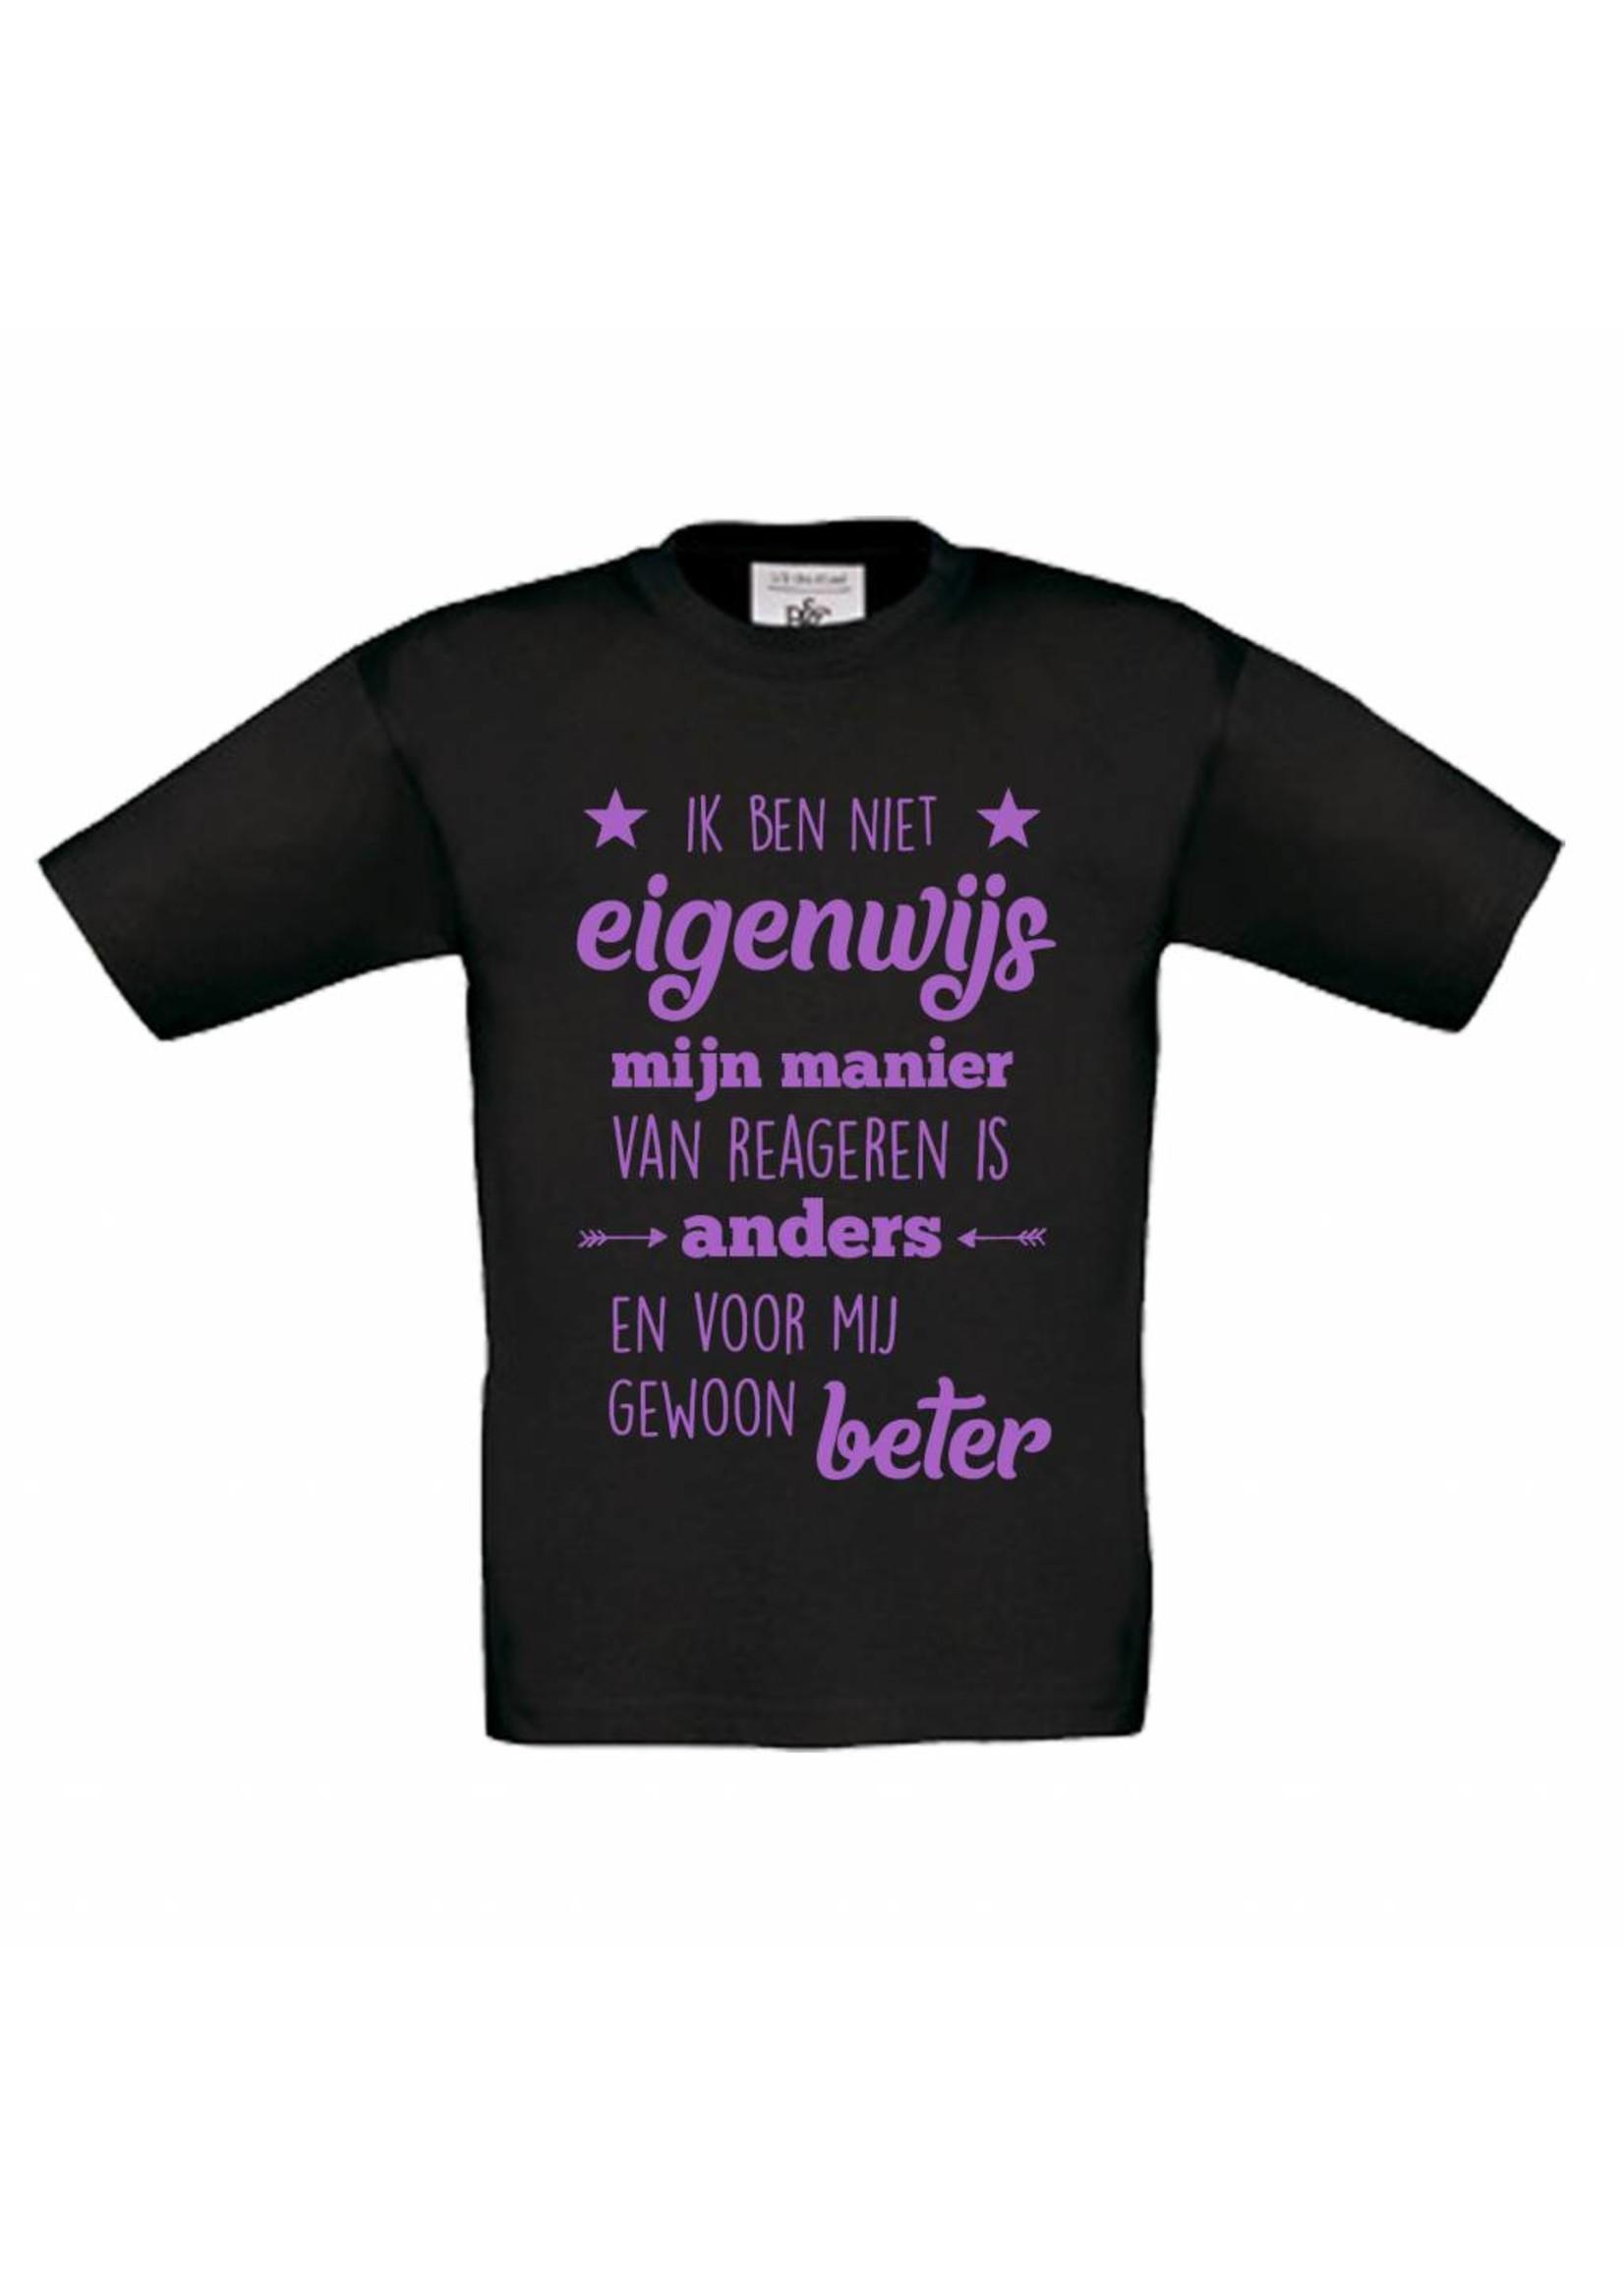 Ik ben niet eigenwijs t-shirt